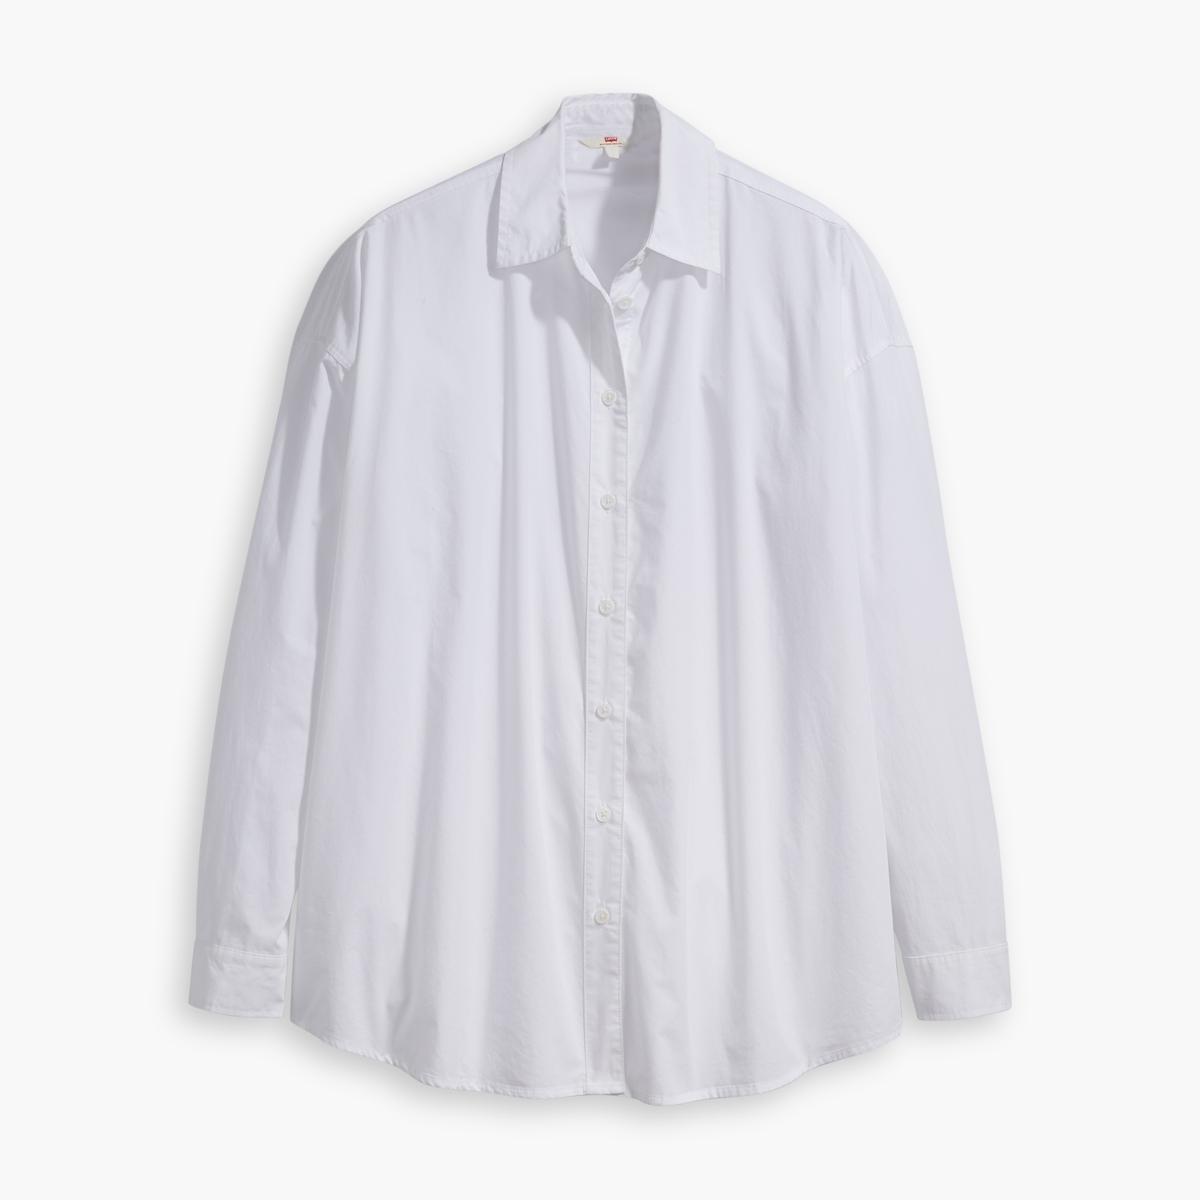 Camisa estilo túnica con cordón detrás PAINTER SHIRT